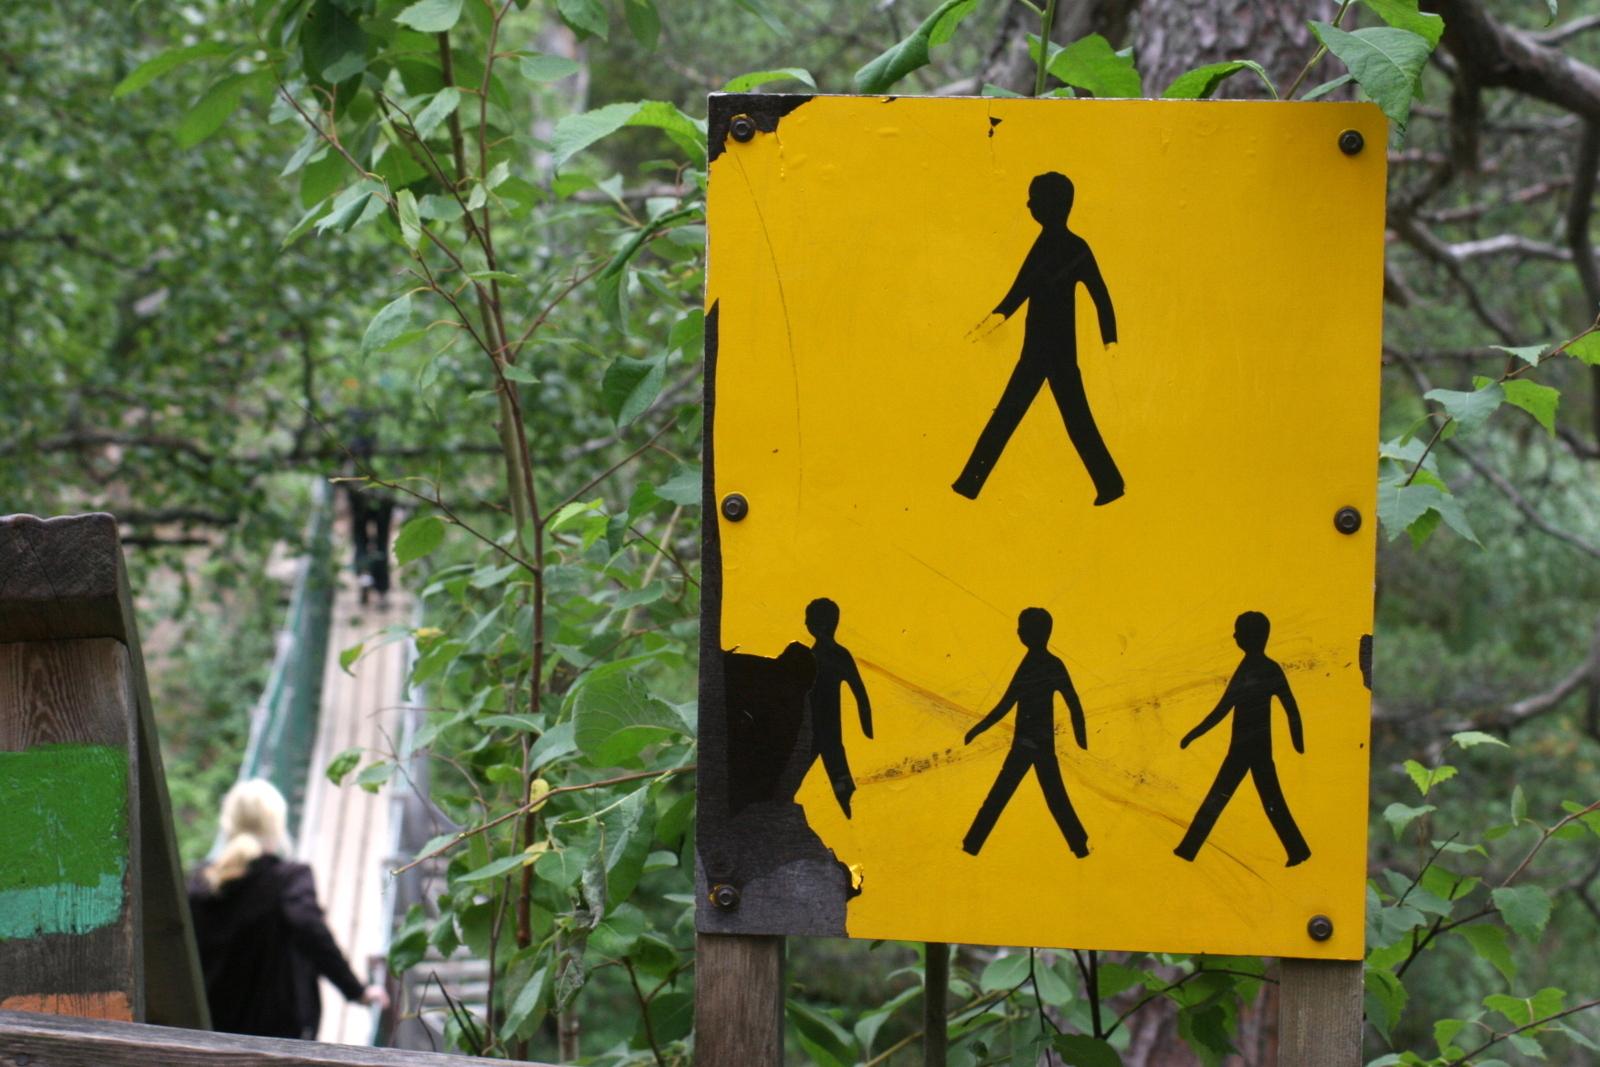 Pieni Karhunkierros lasten kanssa. Riippusillalle sai mennä vain yksi kulkija kerrallaan.